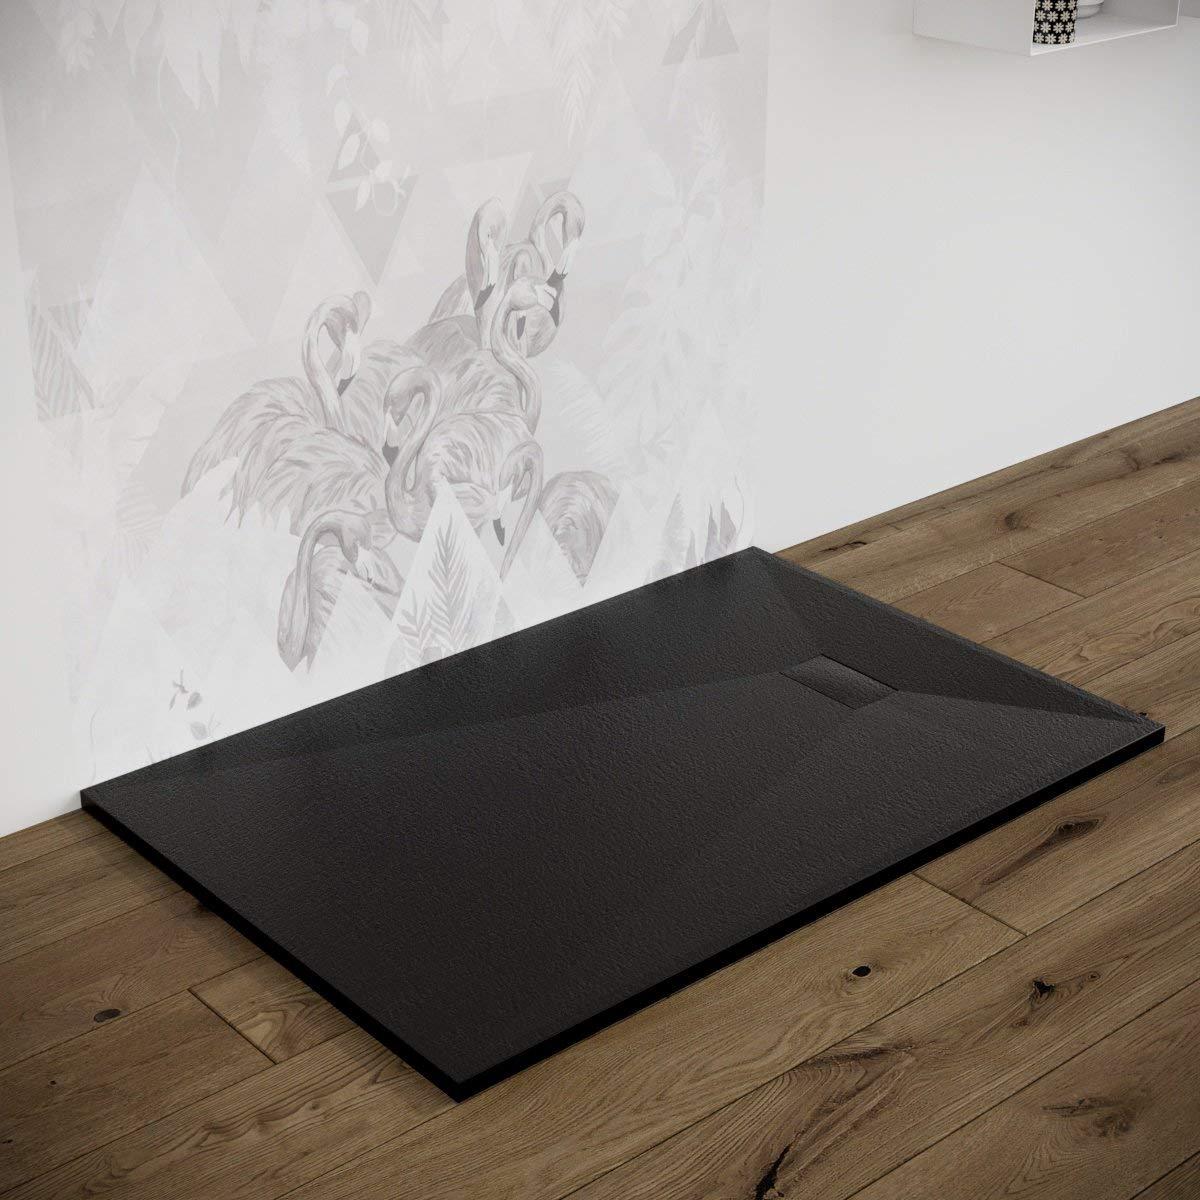 80x100 cm, Beige Piatto doccia effetto pietra ardesia stone smc BEIGE BIANCO NERO 70 80 90 100 120 140 160 180 cm piletta inclusa Euclide no marmoresina